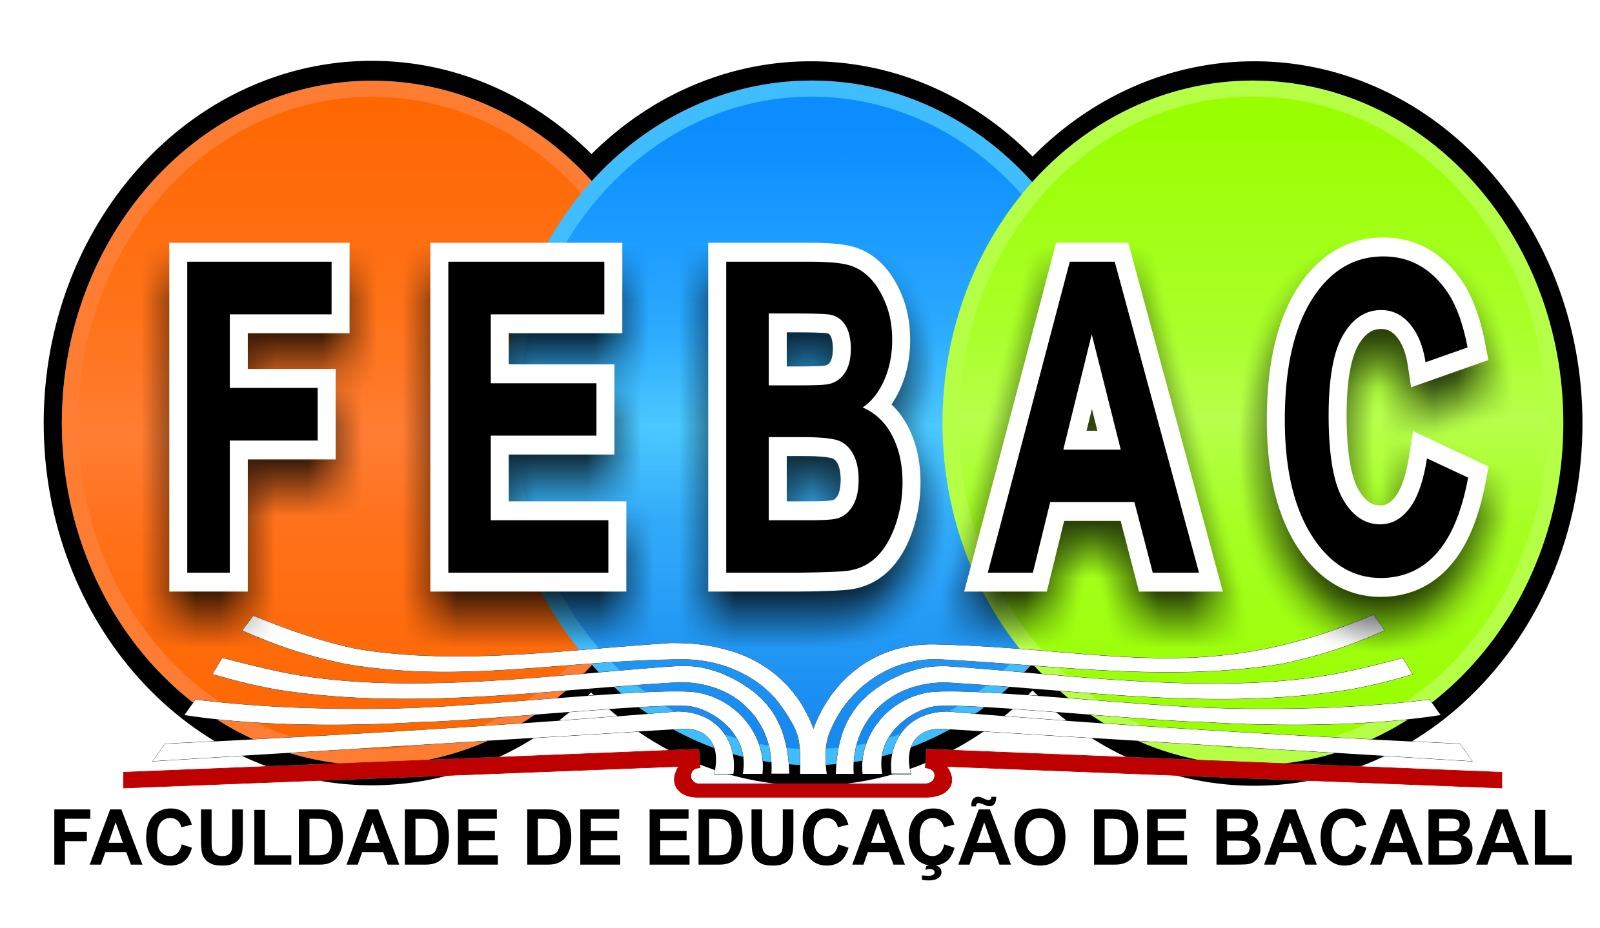 FACULDADE DE EDUCAÇÃO DE BACABAL